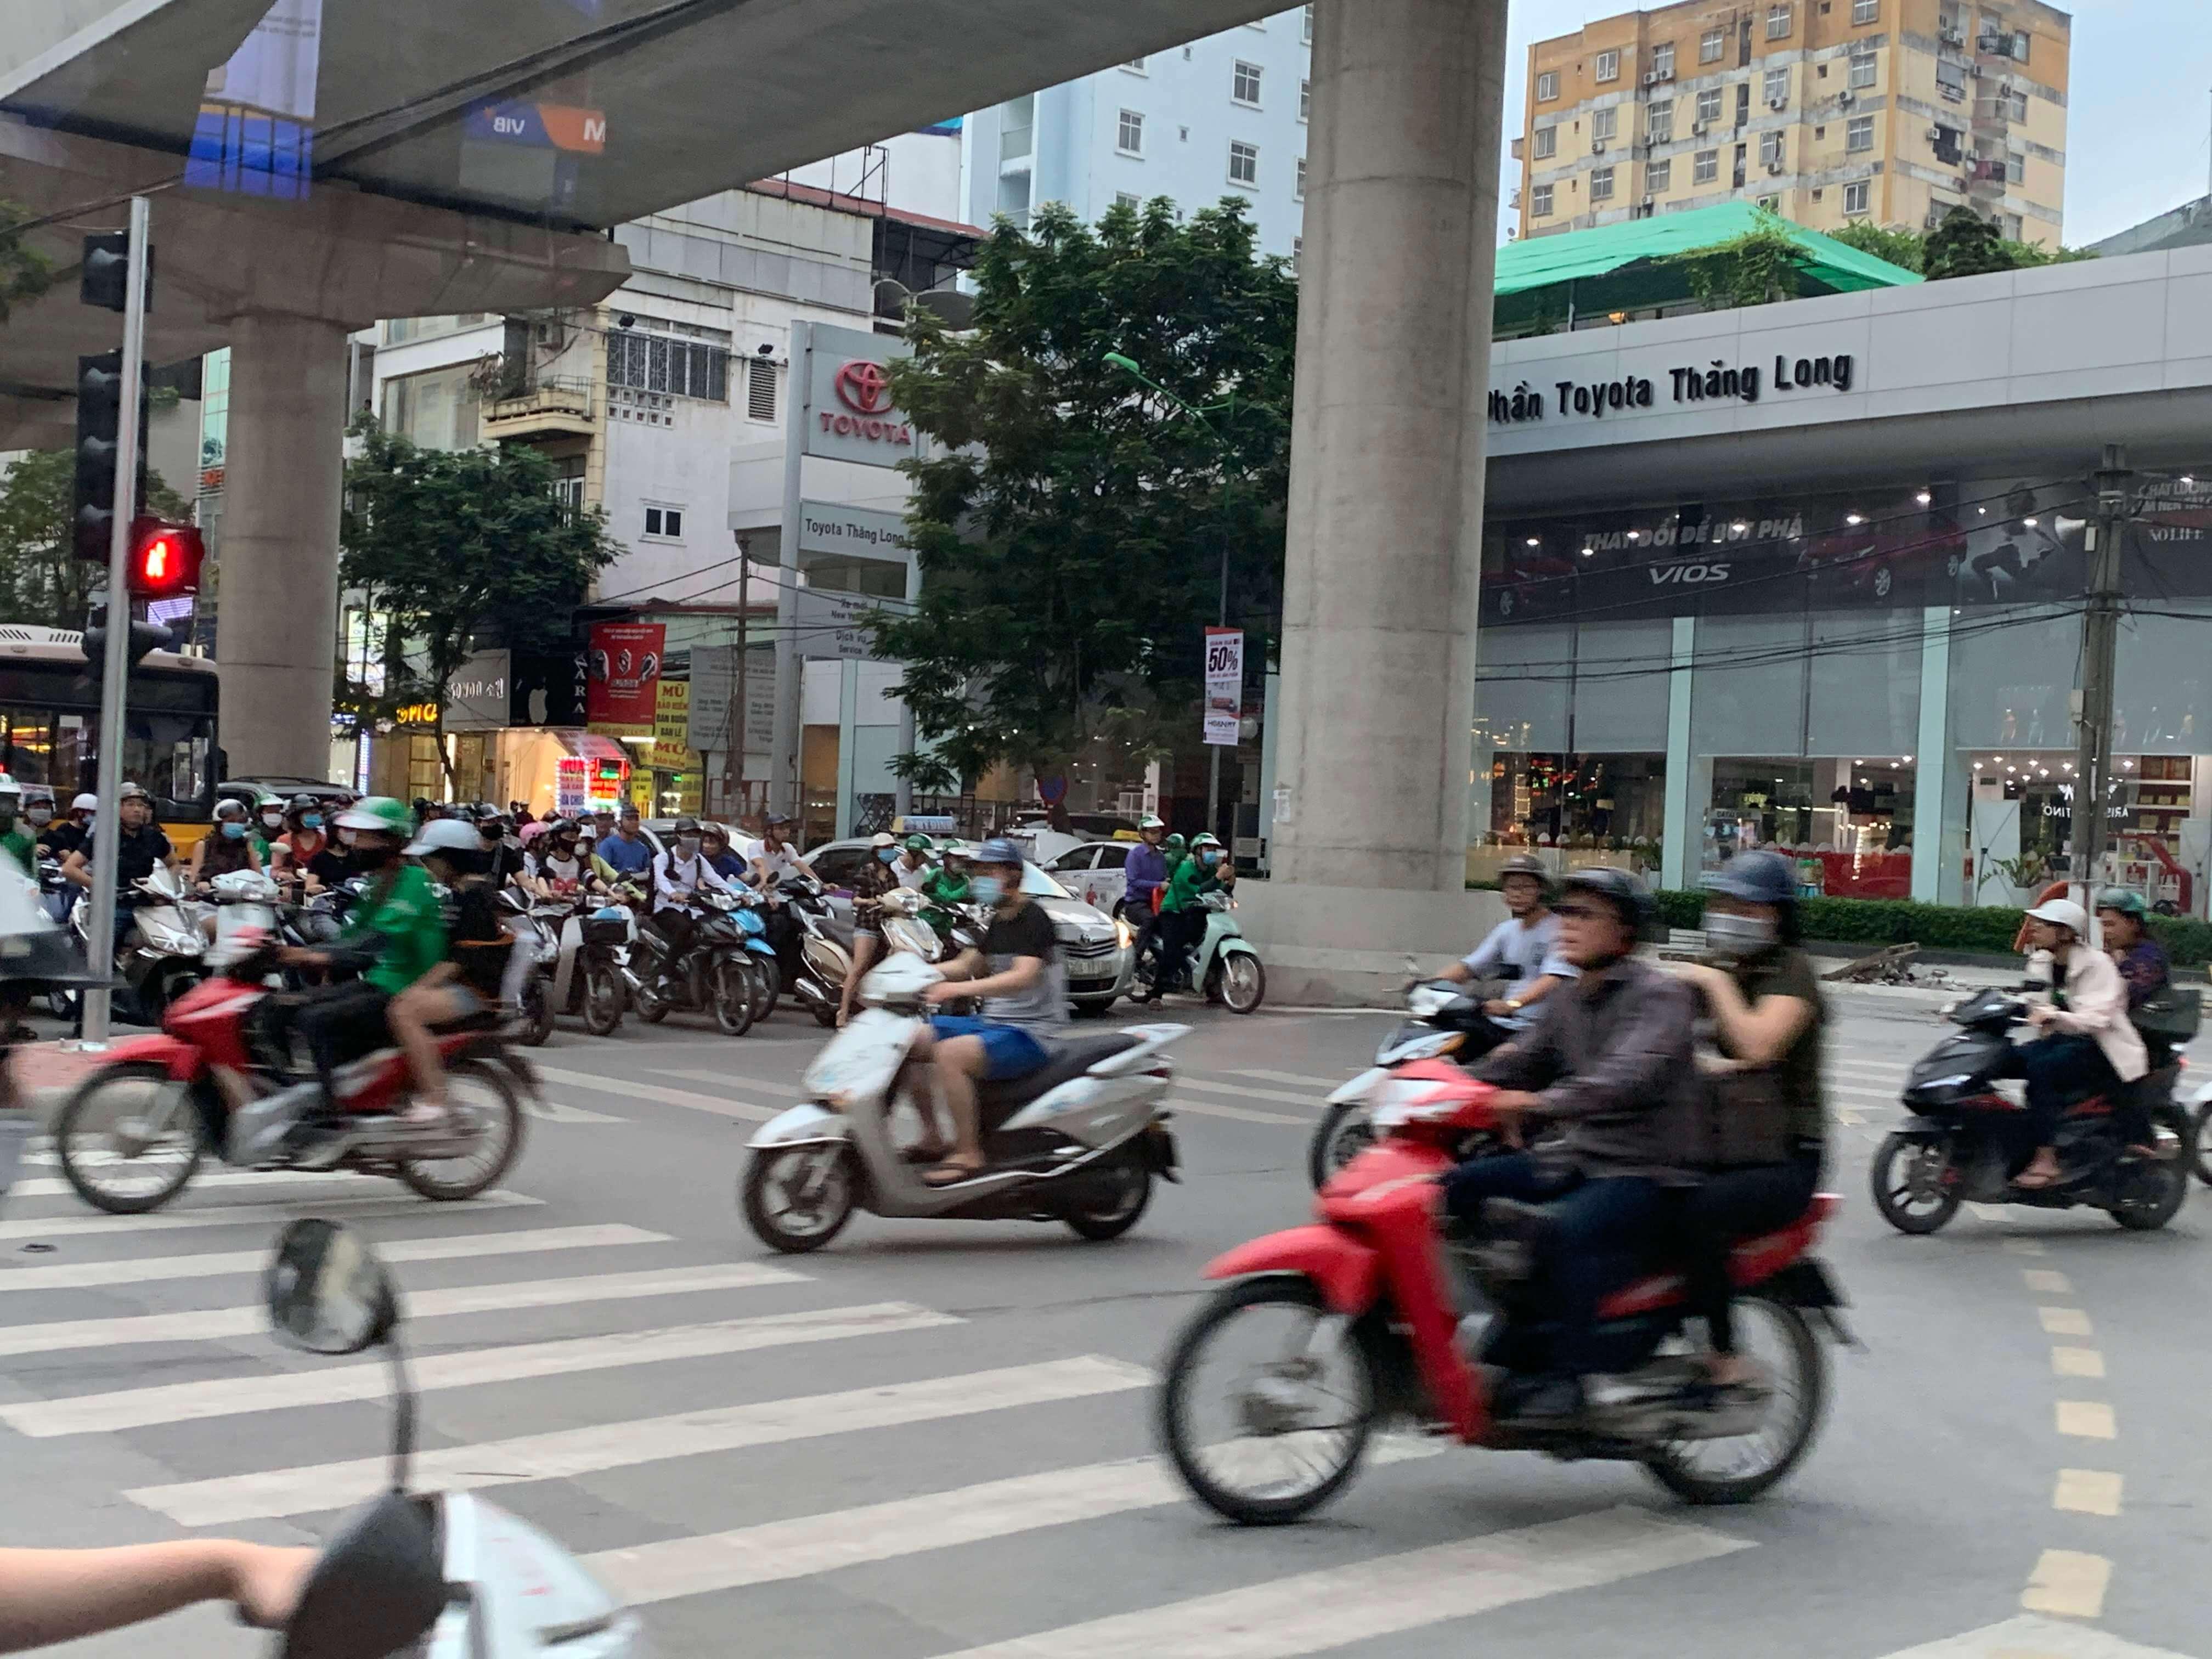 ベトナム(ハノイ)の製造業を視察して